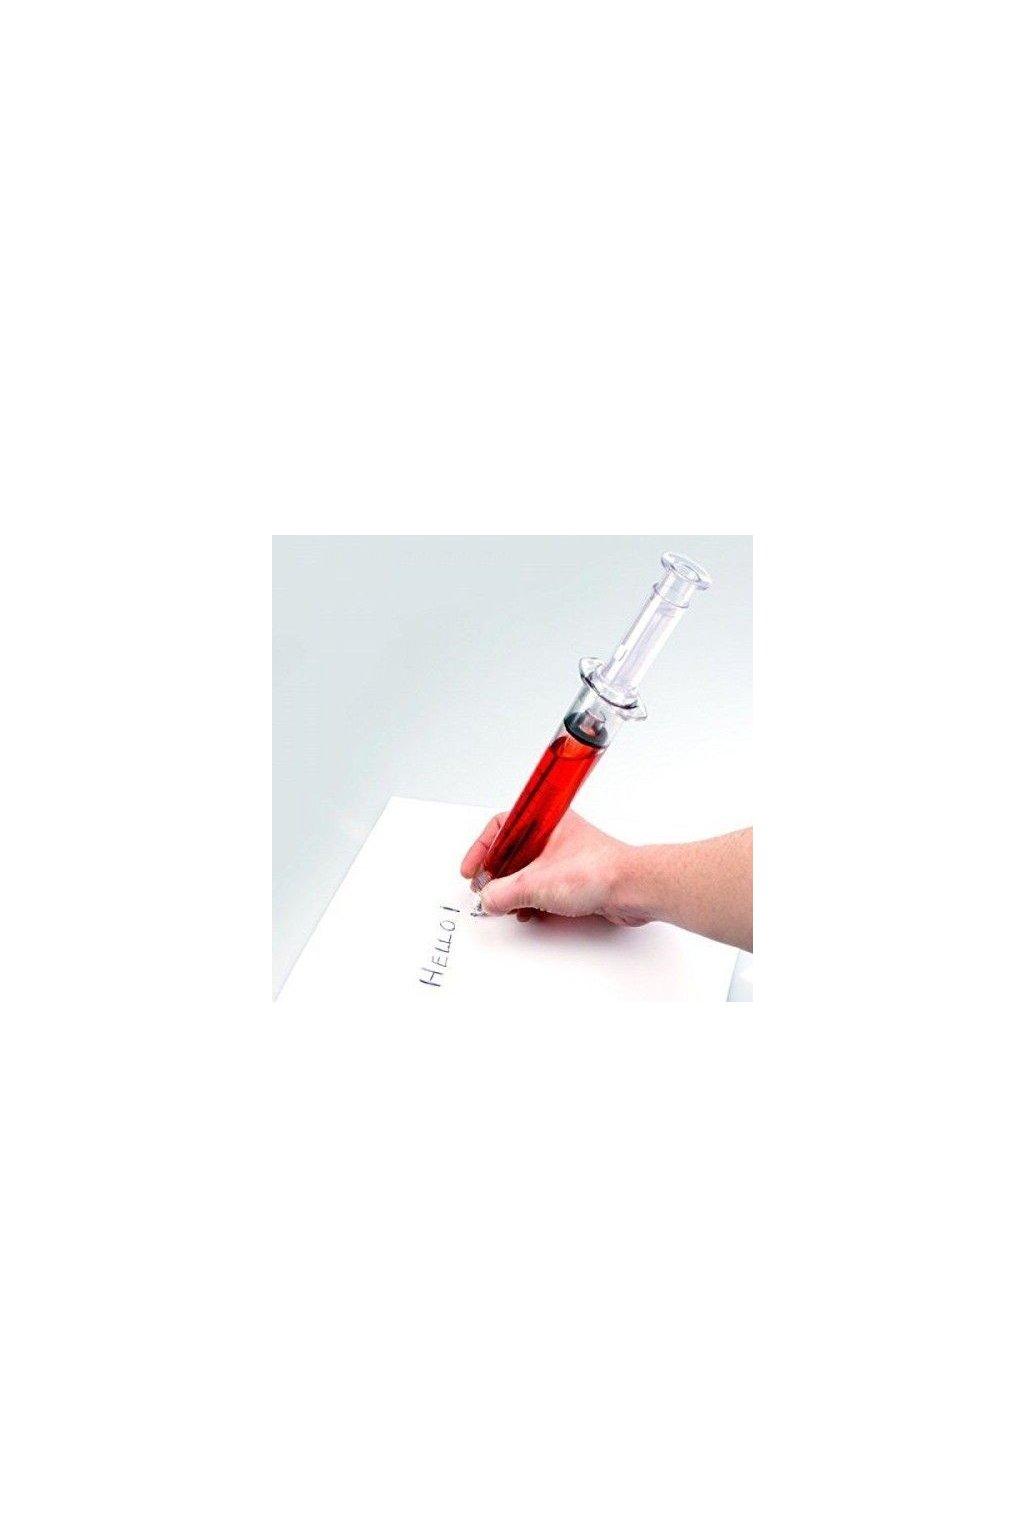 Propiska velká injekční stříkačka